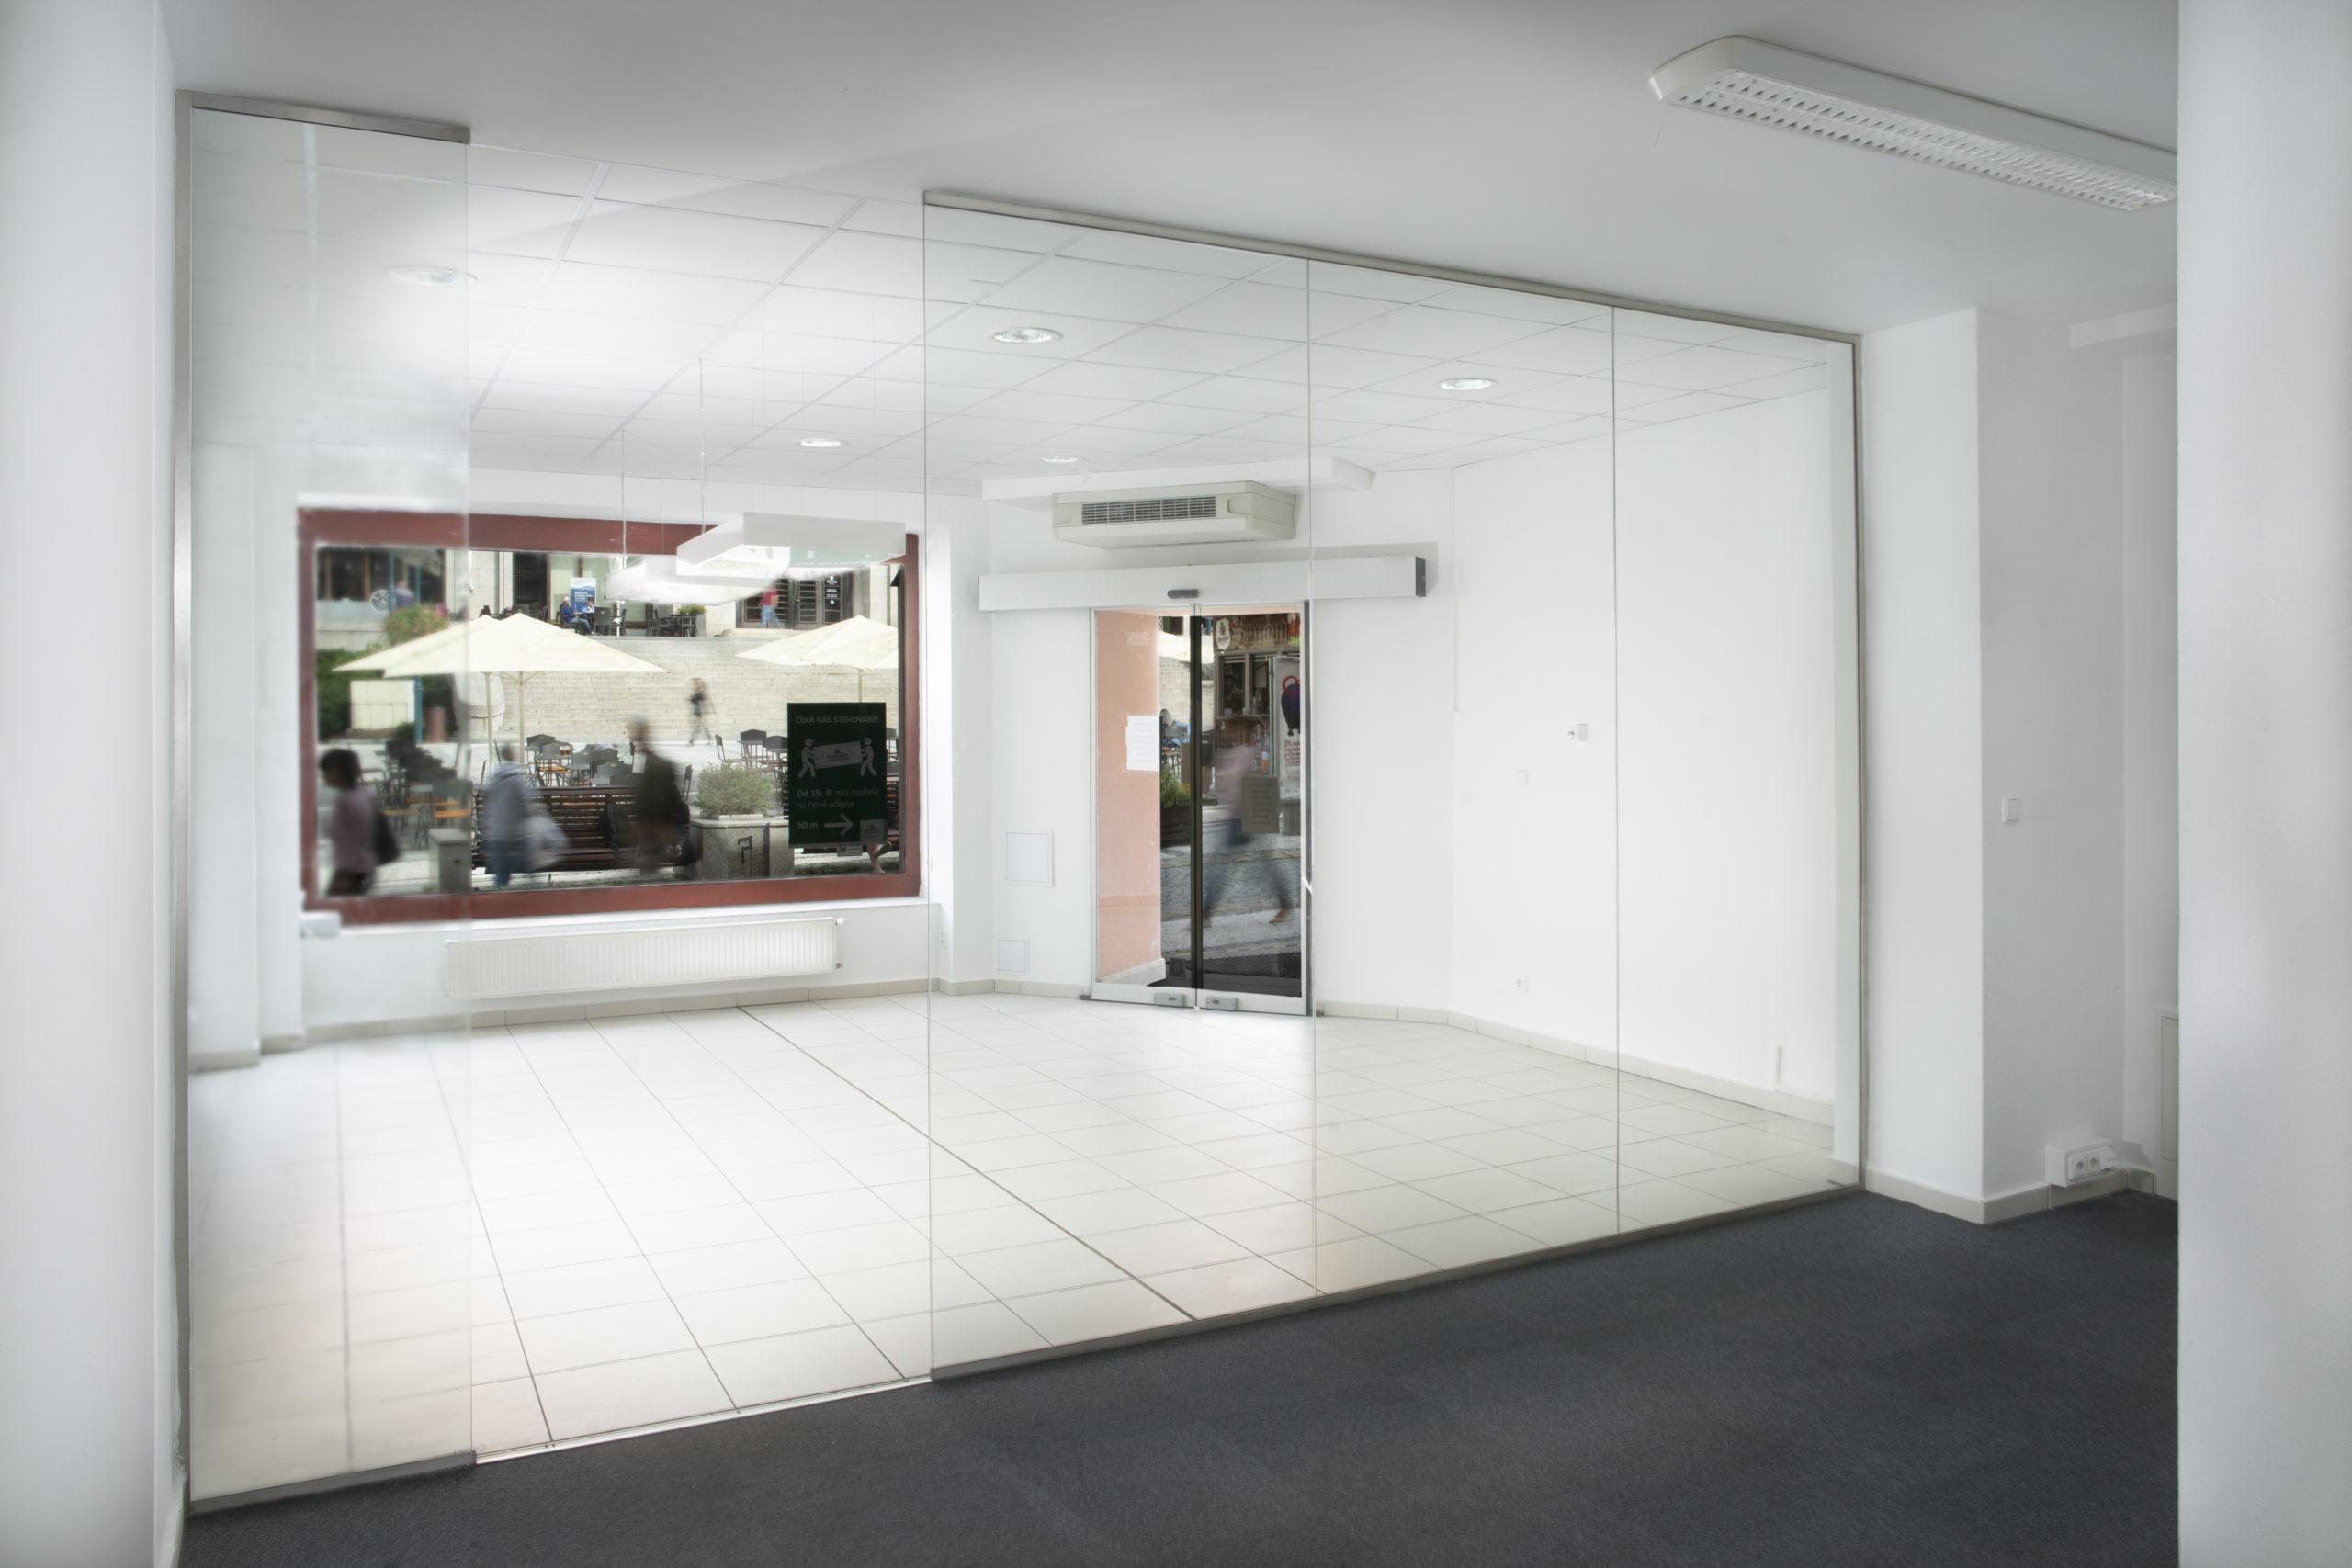 Komerční prostory v centru Jablonce